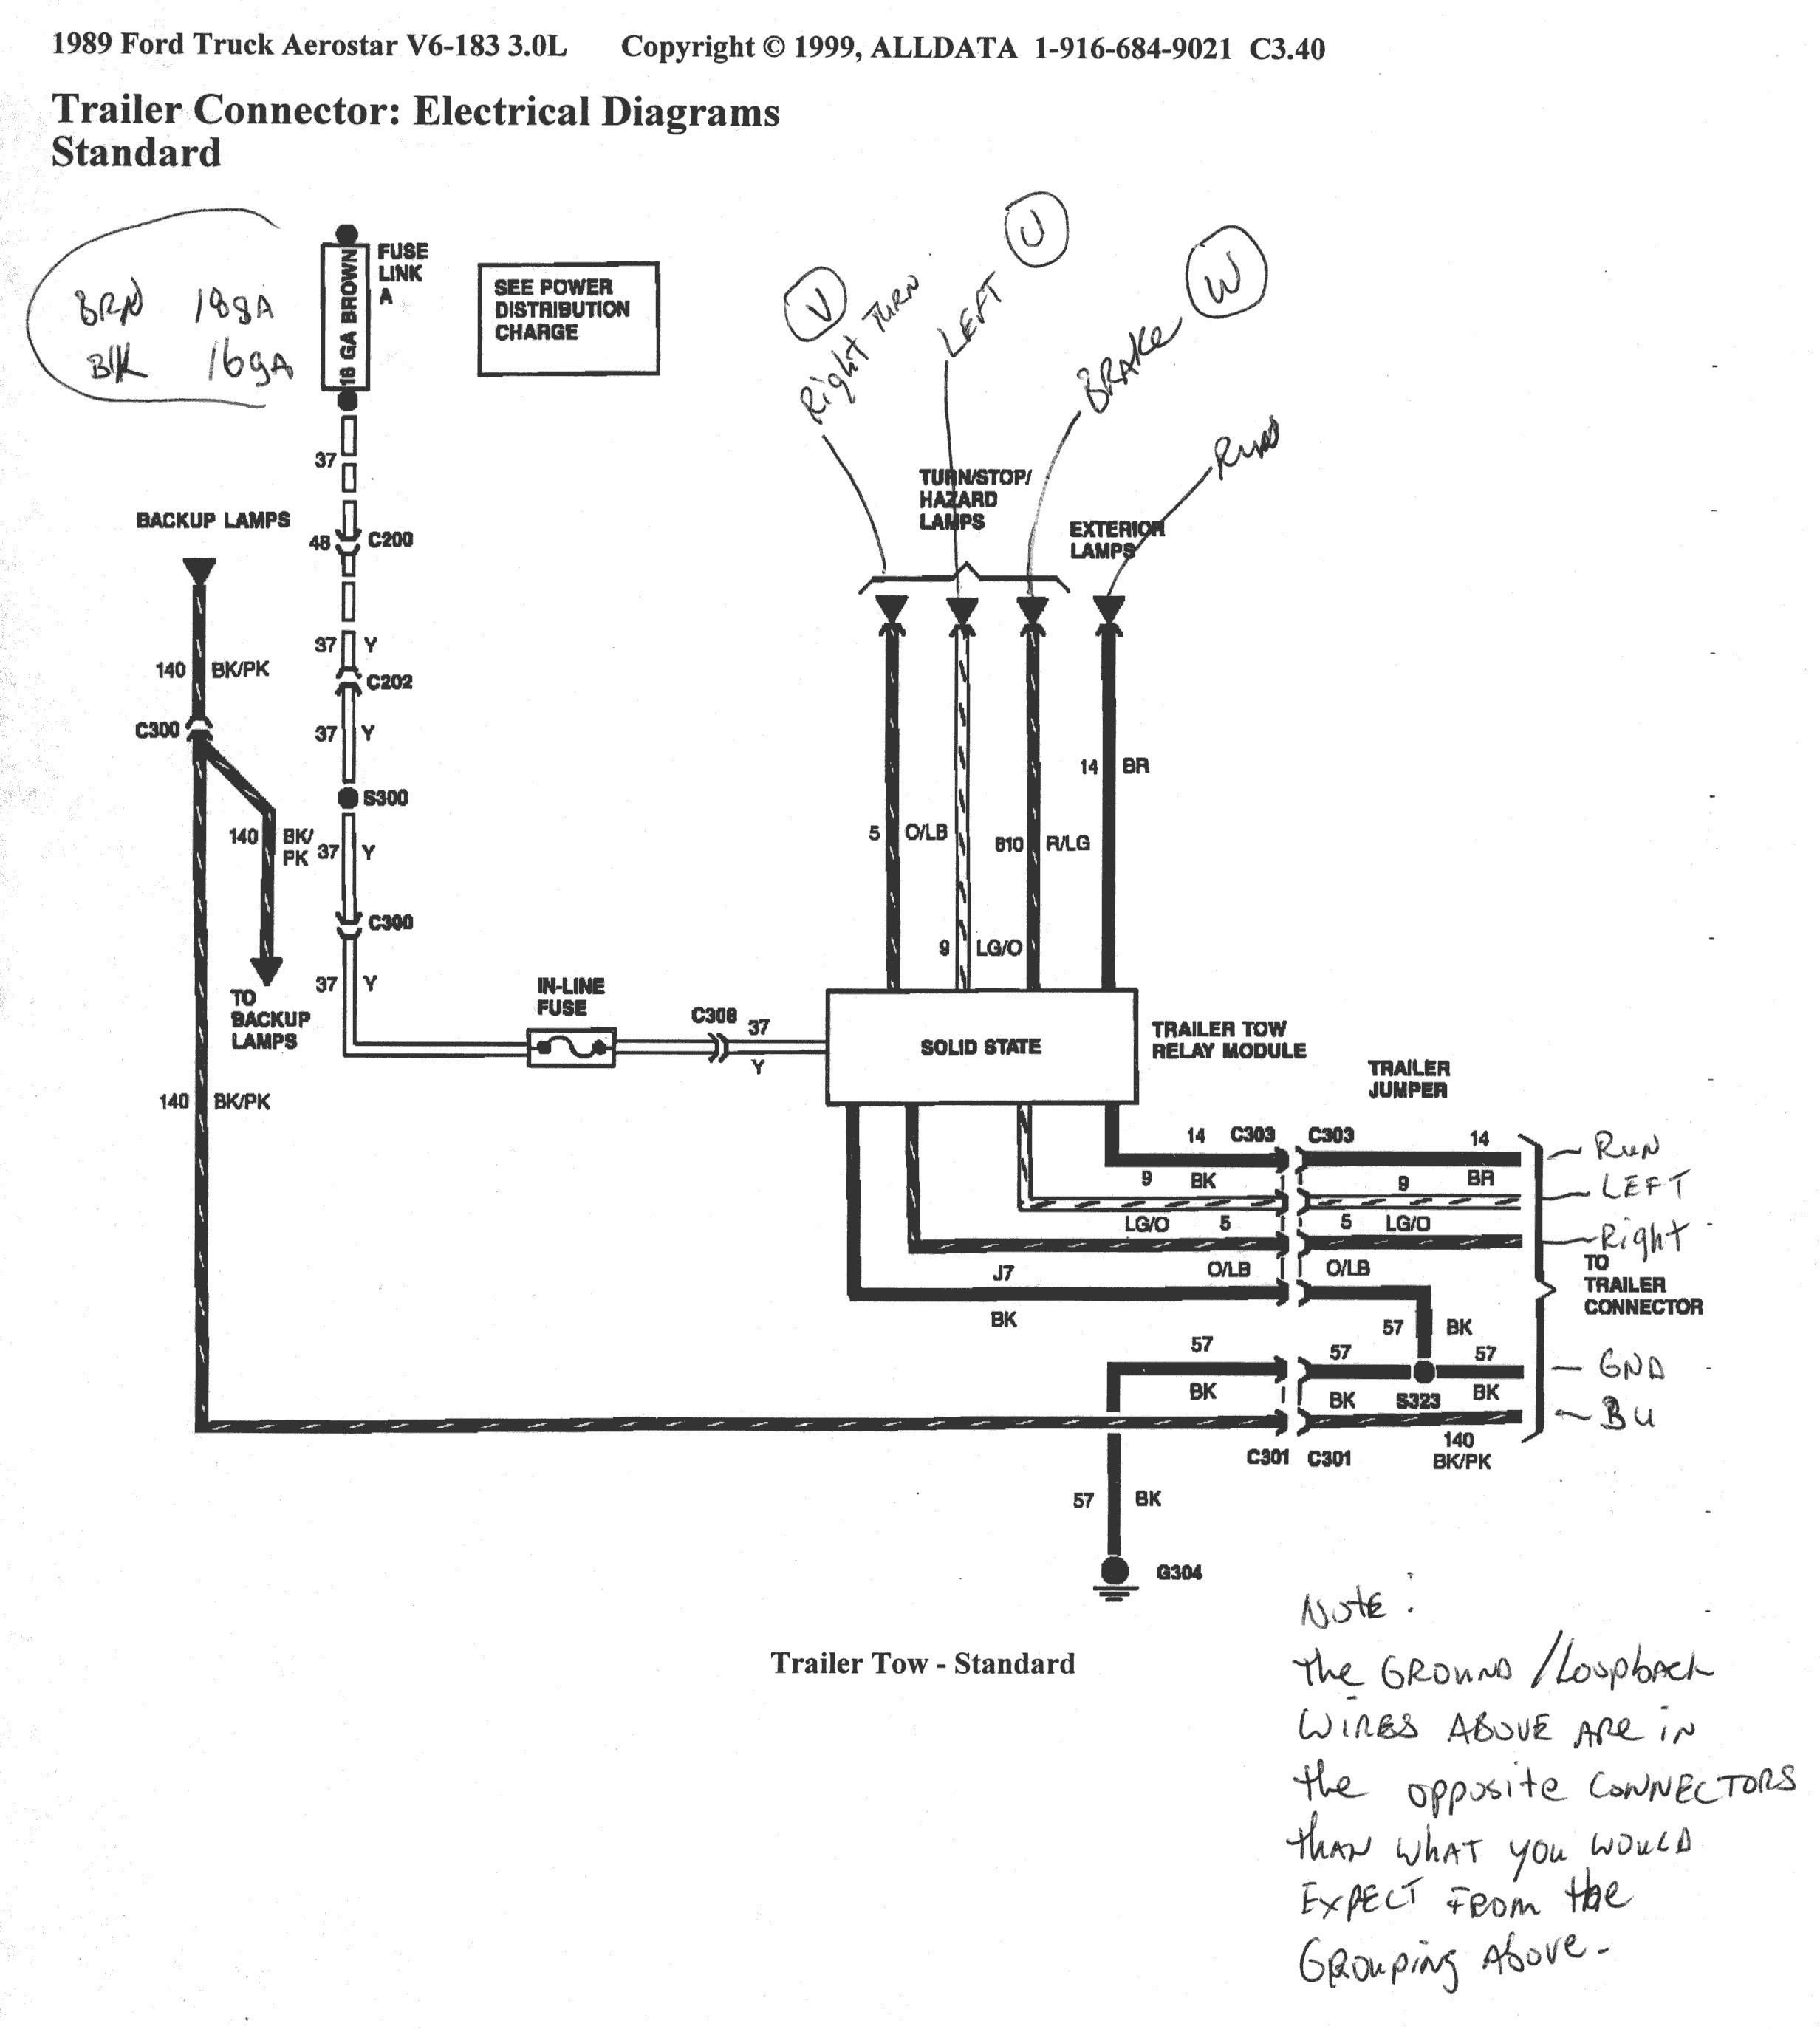 2001 ford f250 super duty wiring diagram fresh 2006 ford f 250 2006 ford f350 trailer wiring diagram